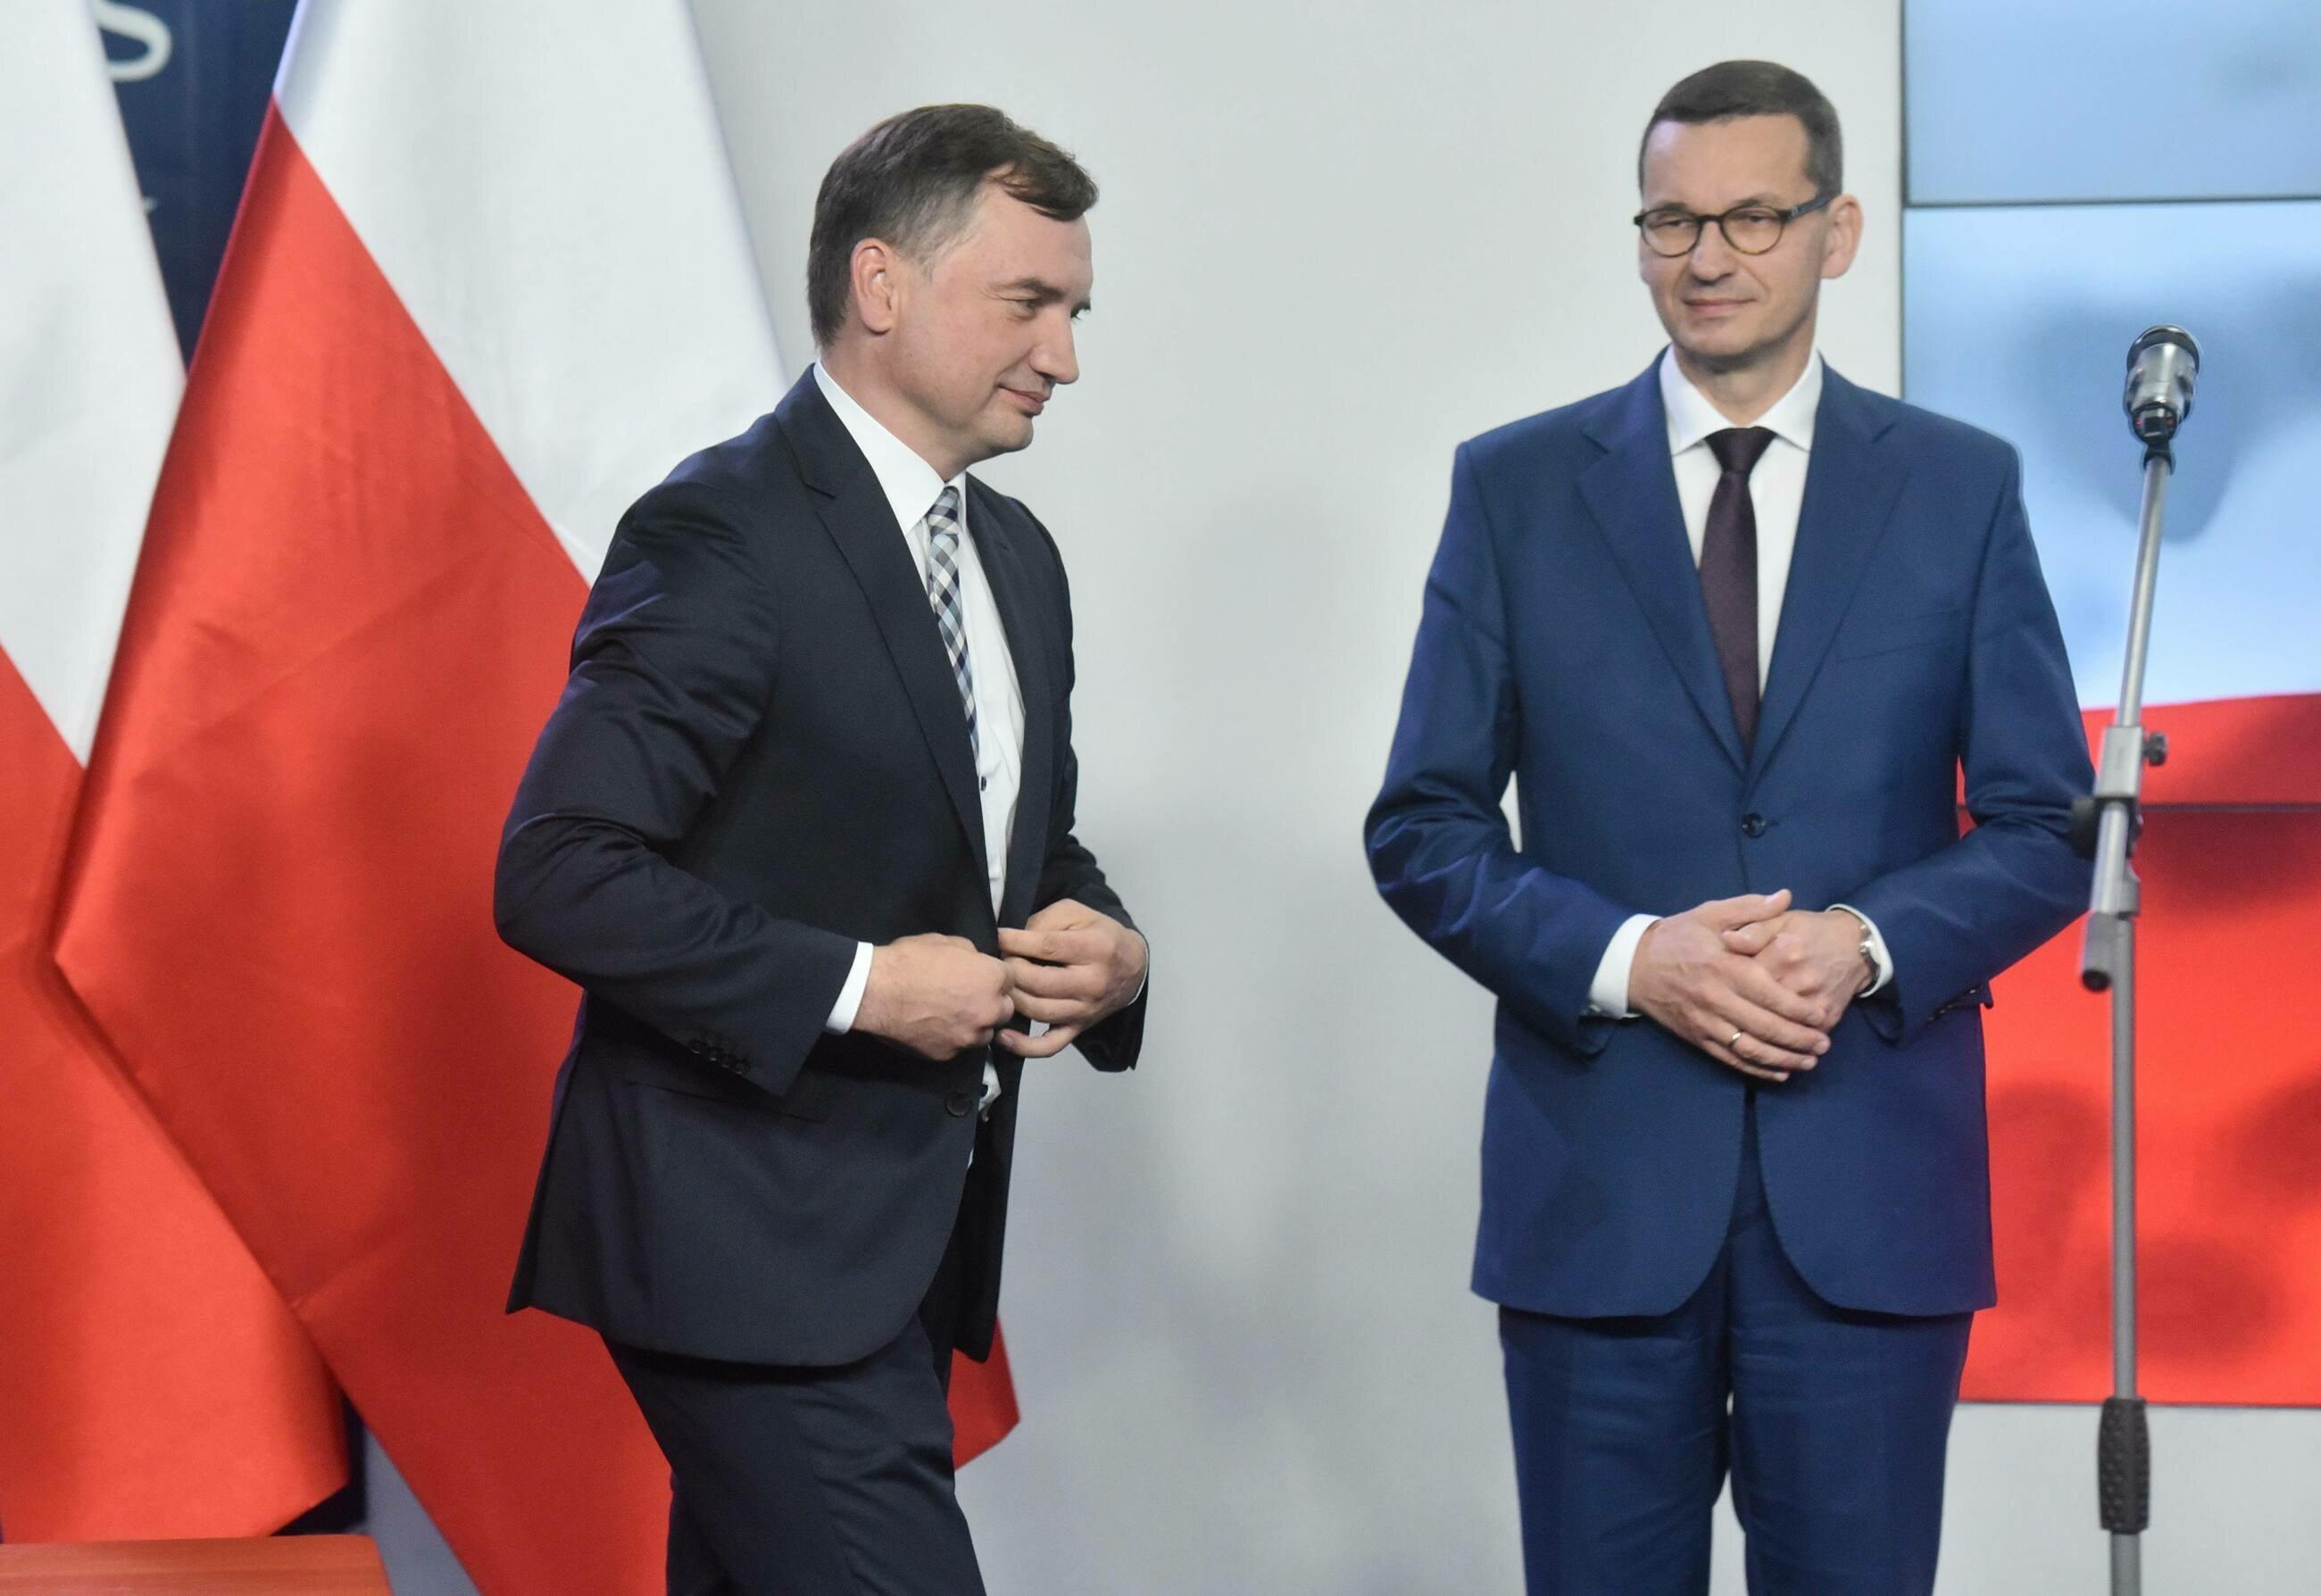 """Kolejny rzekomy wyciek ze skrzynki Dworczyka. """"Solidarna Polska nie powinna dymić"""